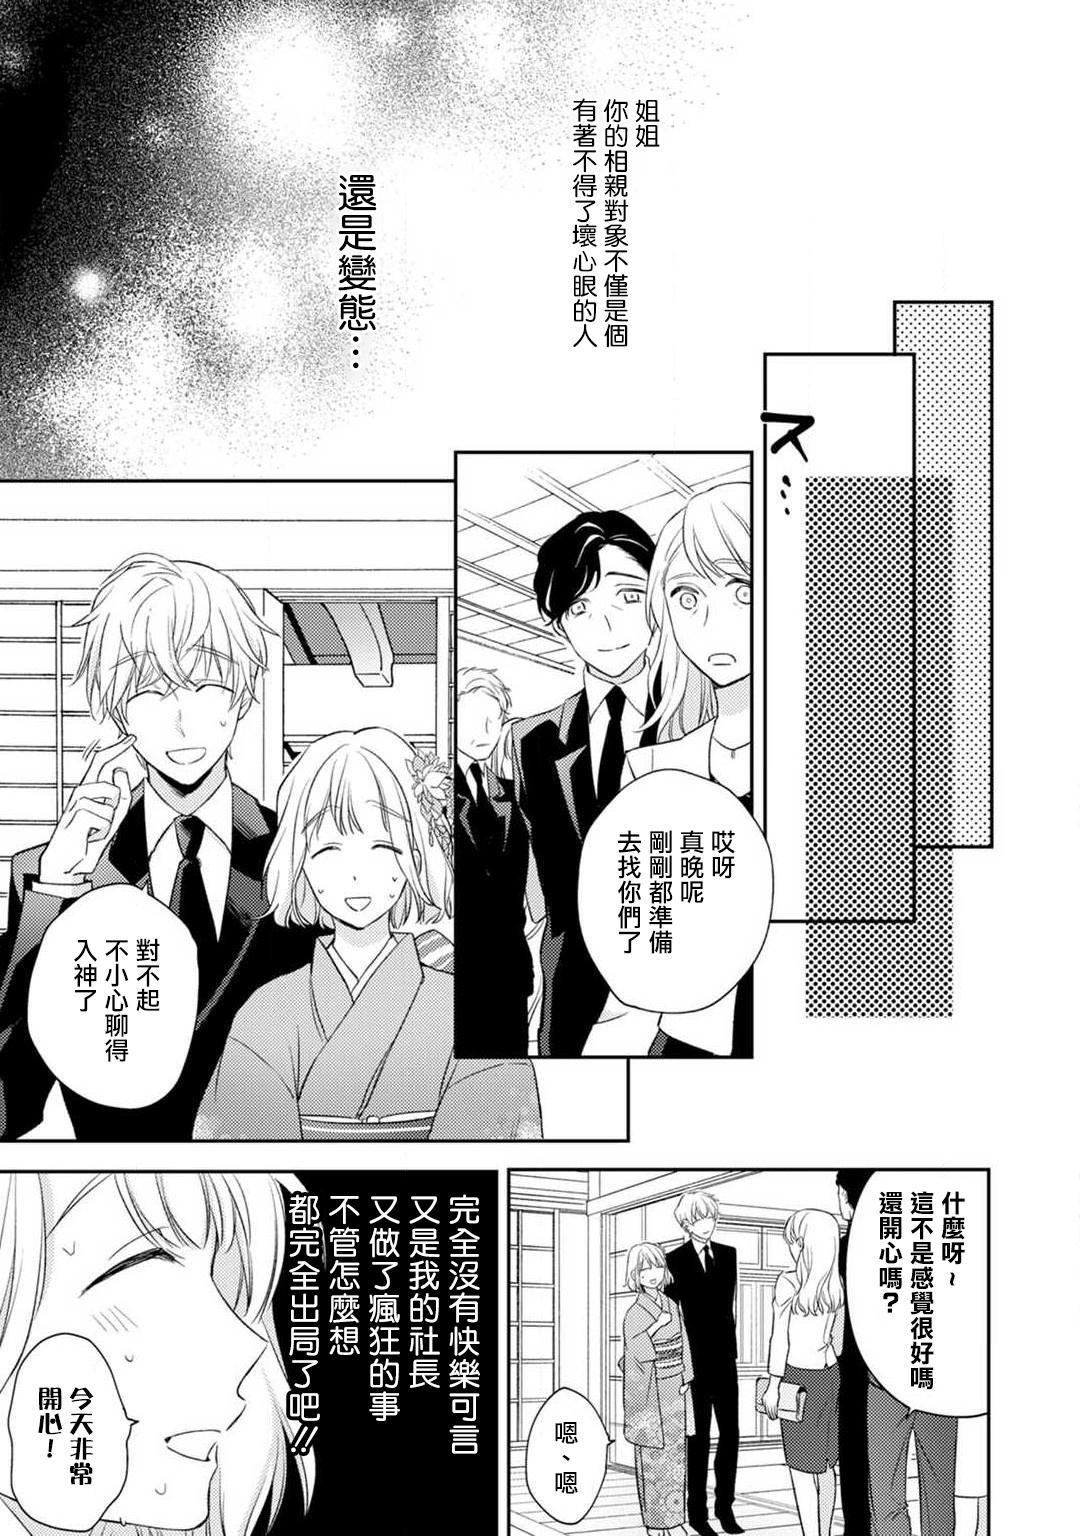 [Shichigatsu Motomi]  Sonna Kao shite, Sasotteru? ~Dekiai Shachou to Migawari Omiaikekkon!?~ 1-11  這種表情,在誘惑我嗎?~溺愛社長和替身相親結婚!? [Chinese] [拾荒者汉化组] 27